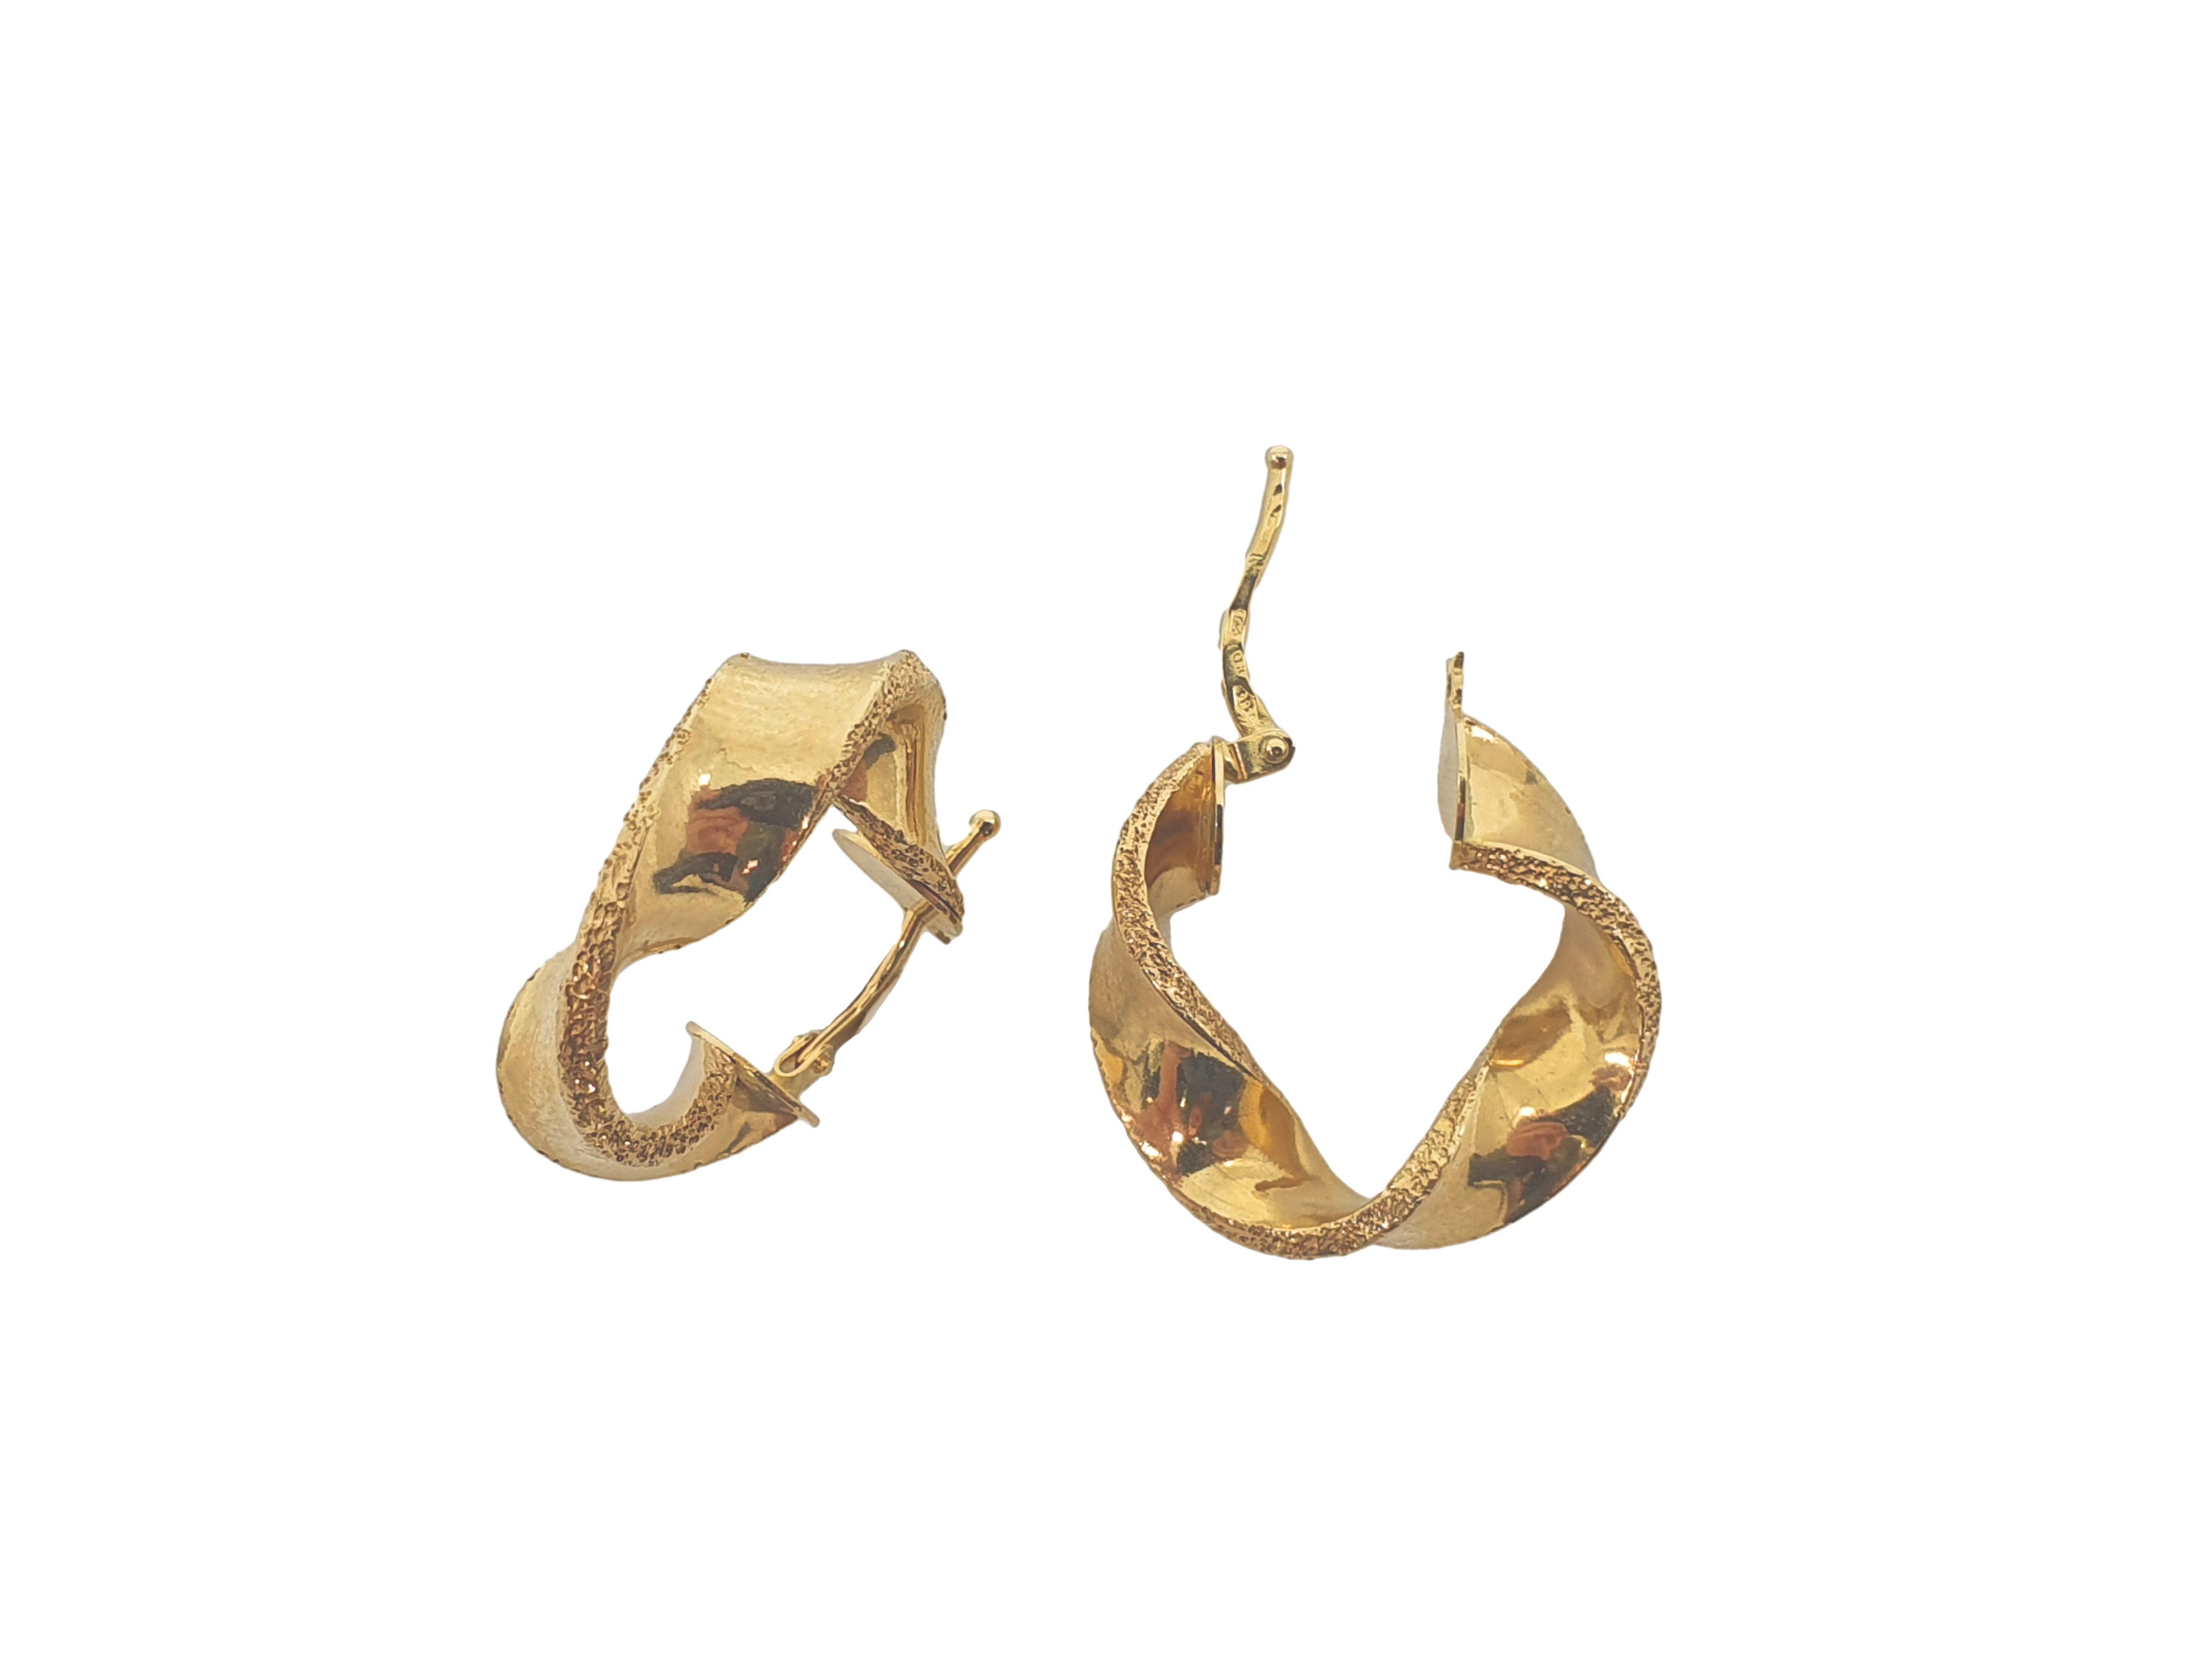 Náušnice, žluté zlato Váha v g: 2.85, Ryzost: 585/1000